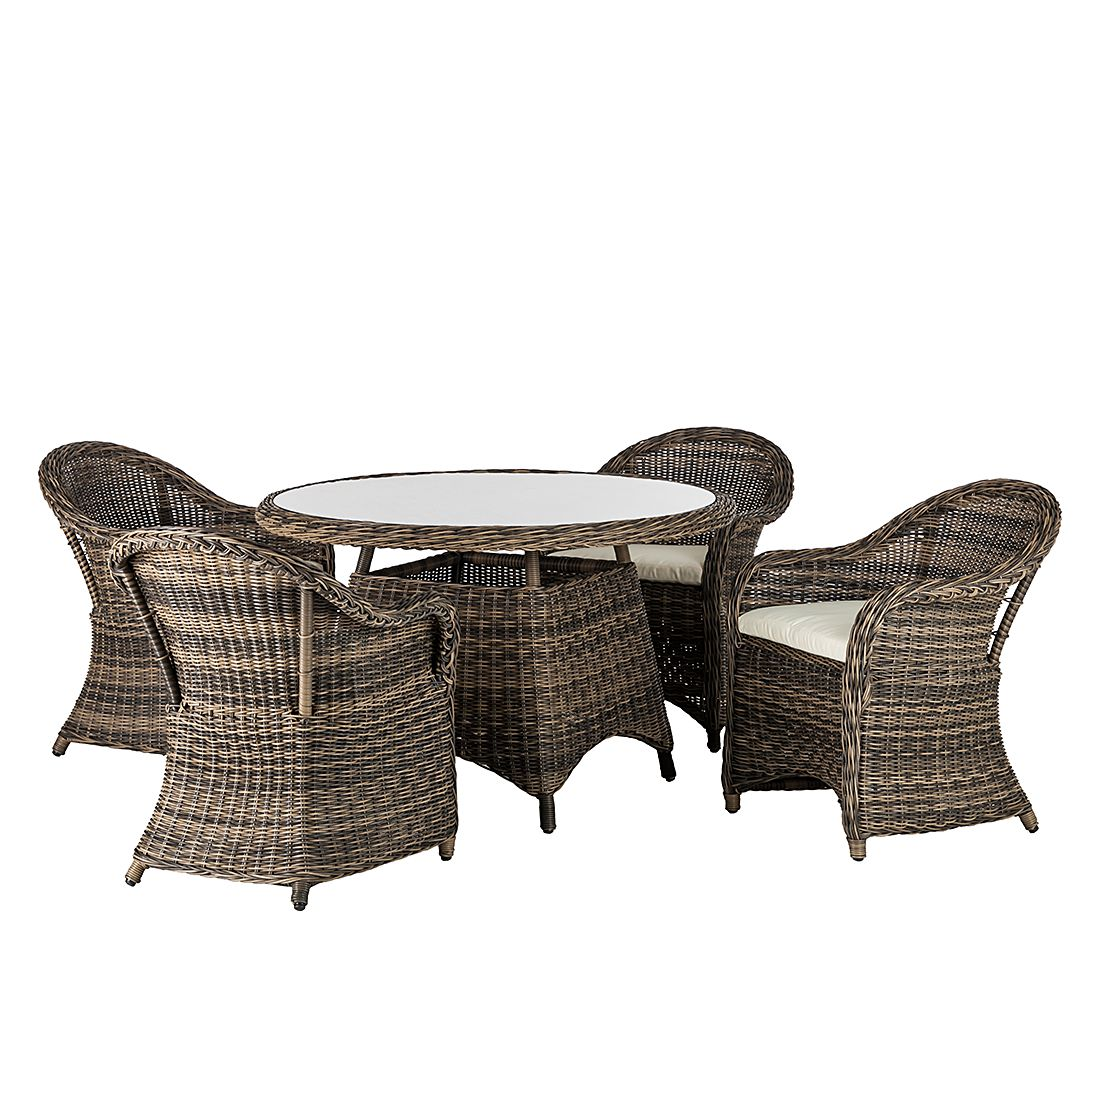 Salon de jardin Royal Comfort (5 éléments) - Rond - Avec coussins d'assise, Maison Belfort